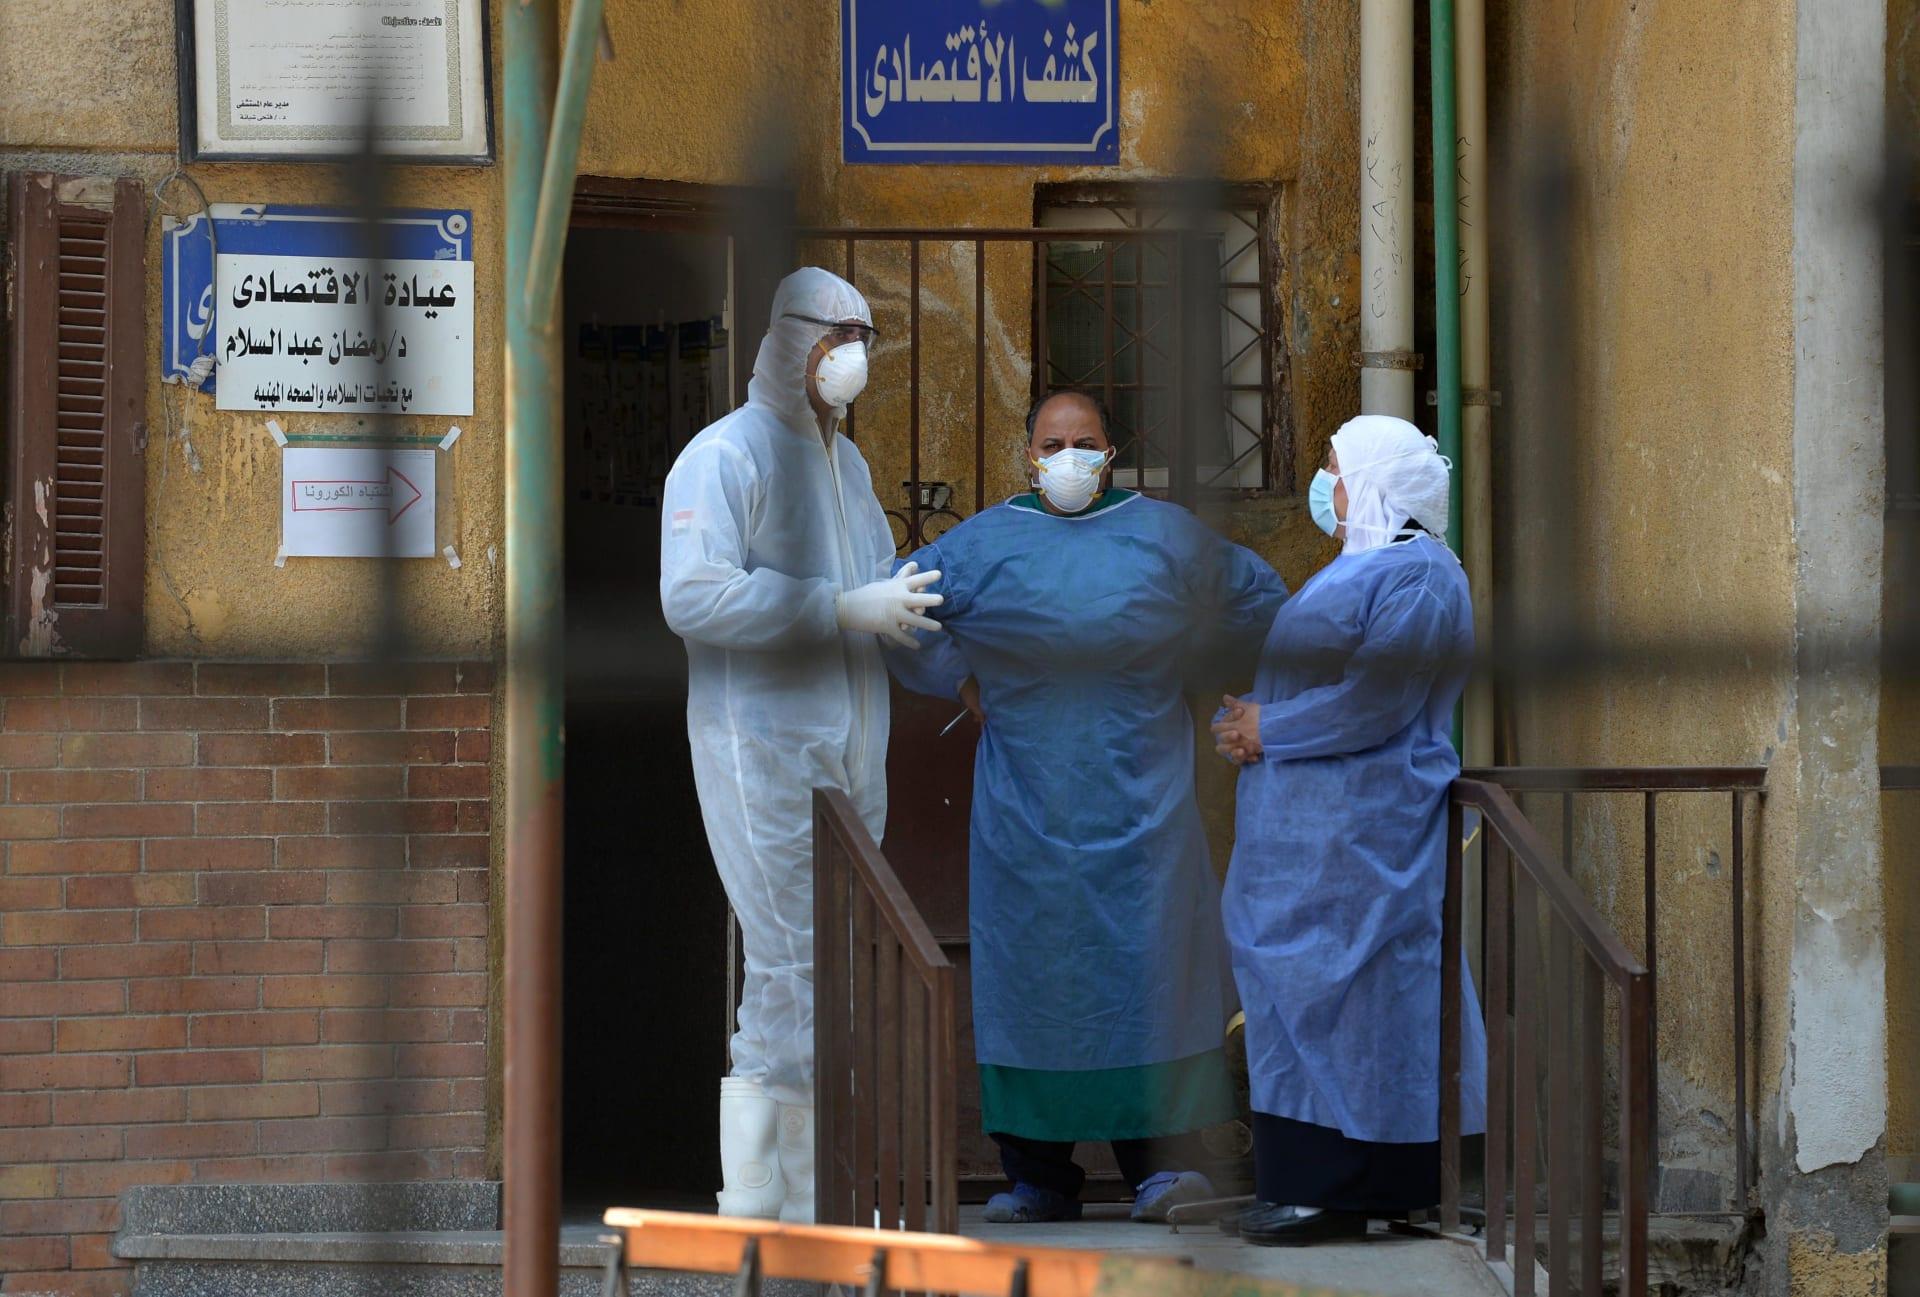 أول رد من الصحة المصرية بشأن ما أثير حول وفاة مرضى كورونا بسبب نقص الأكسجين